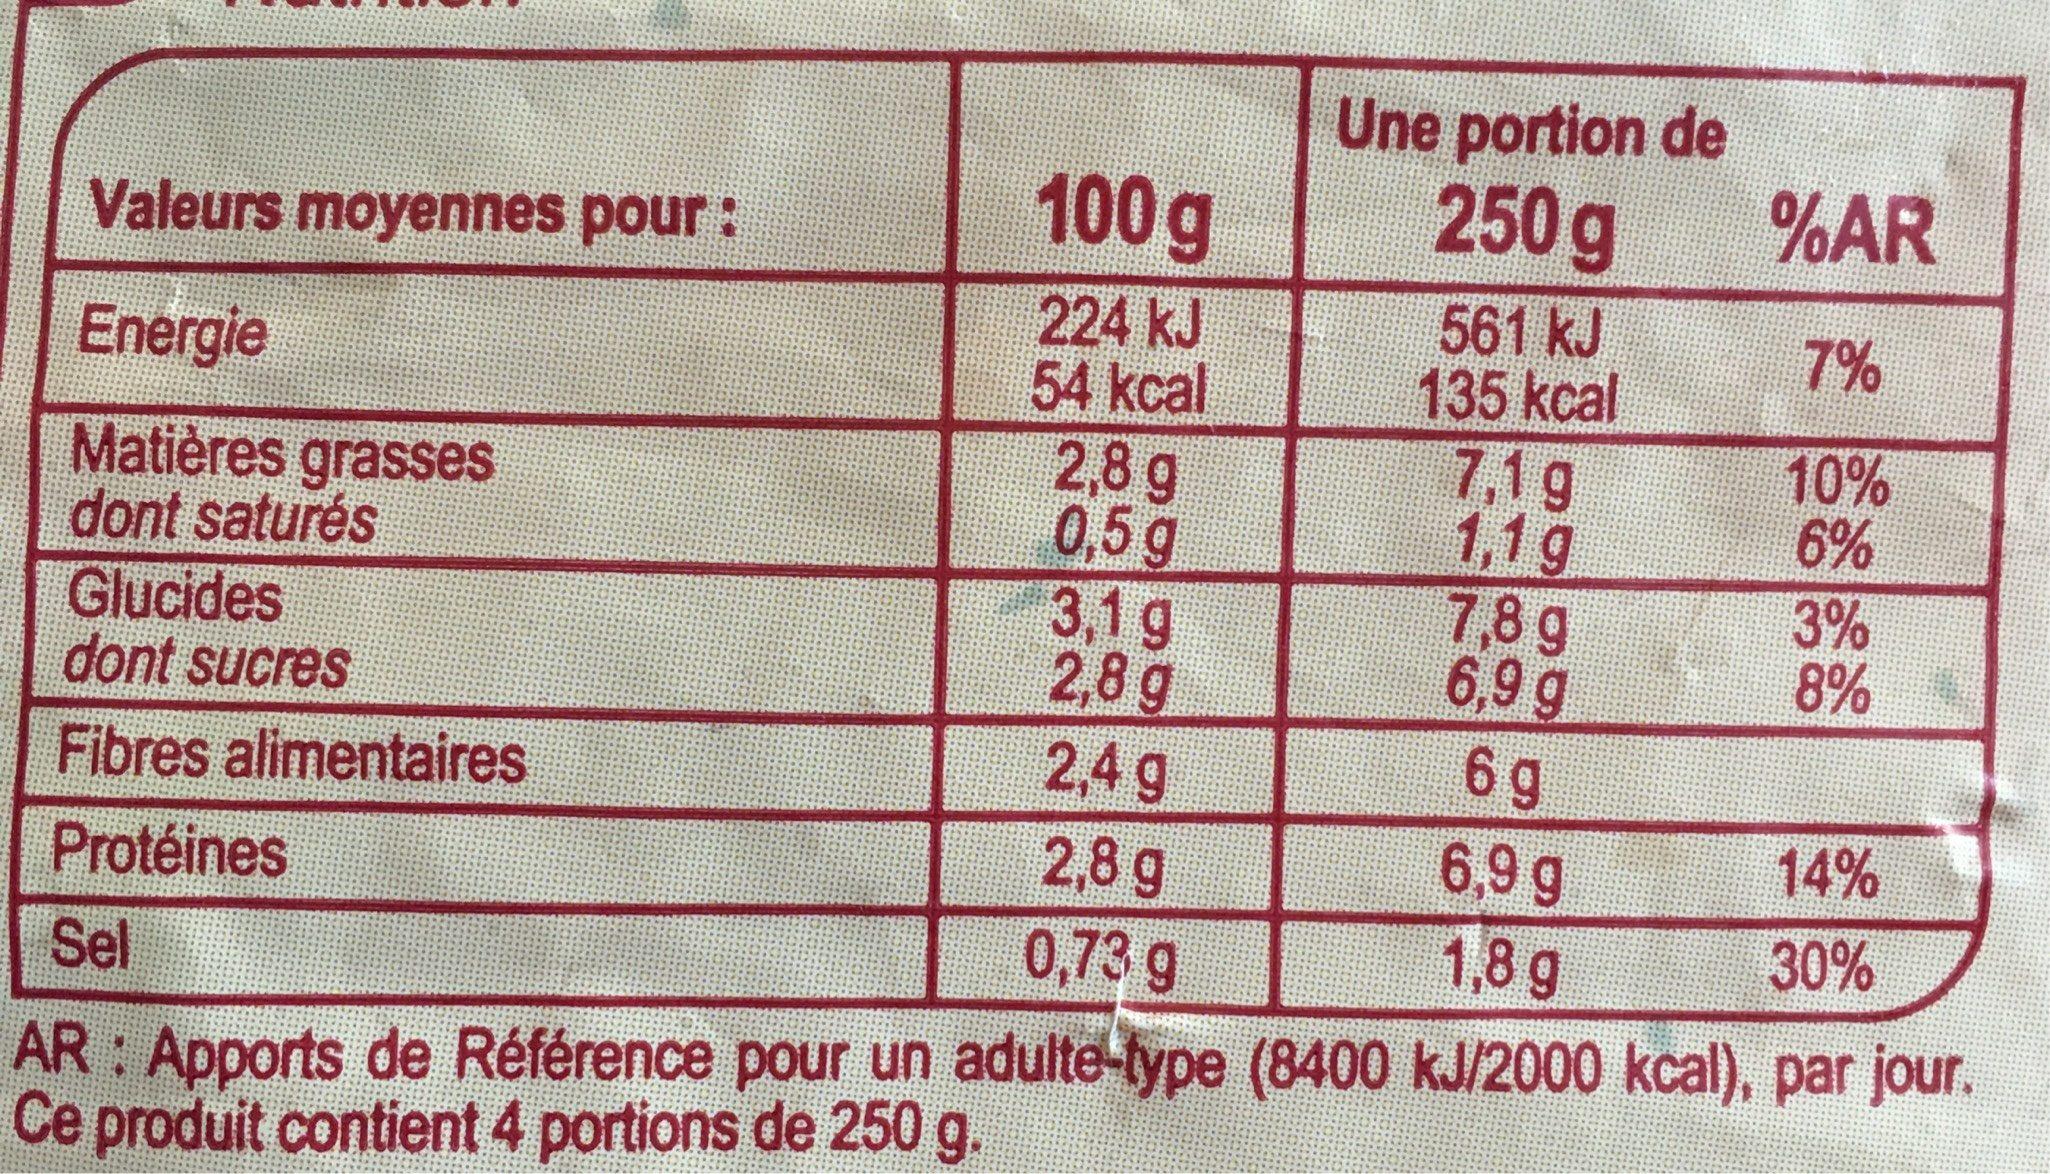 Poêlée Asiatique - Nutrition facts